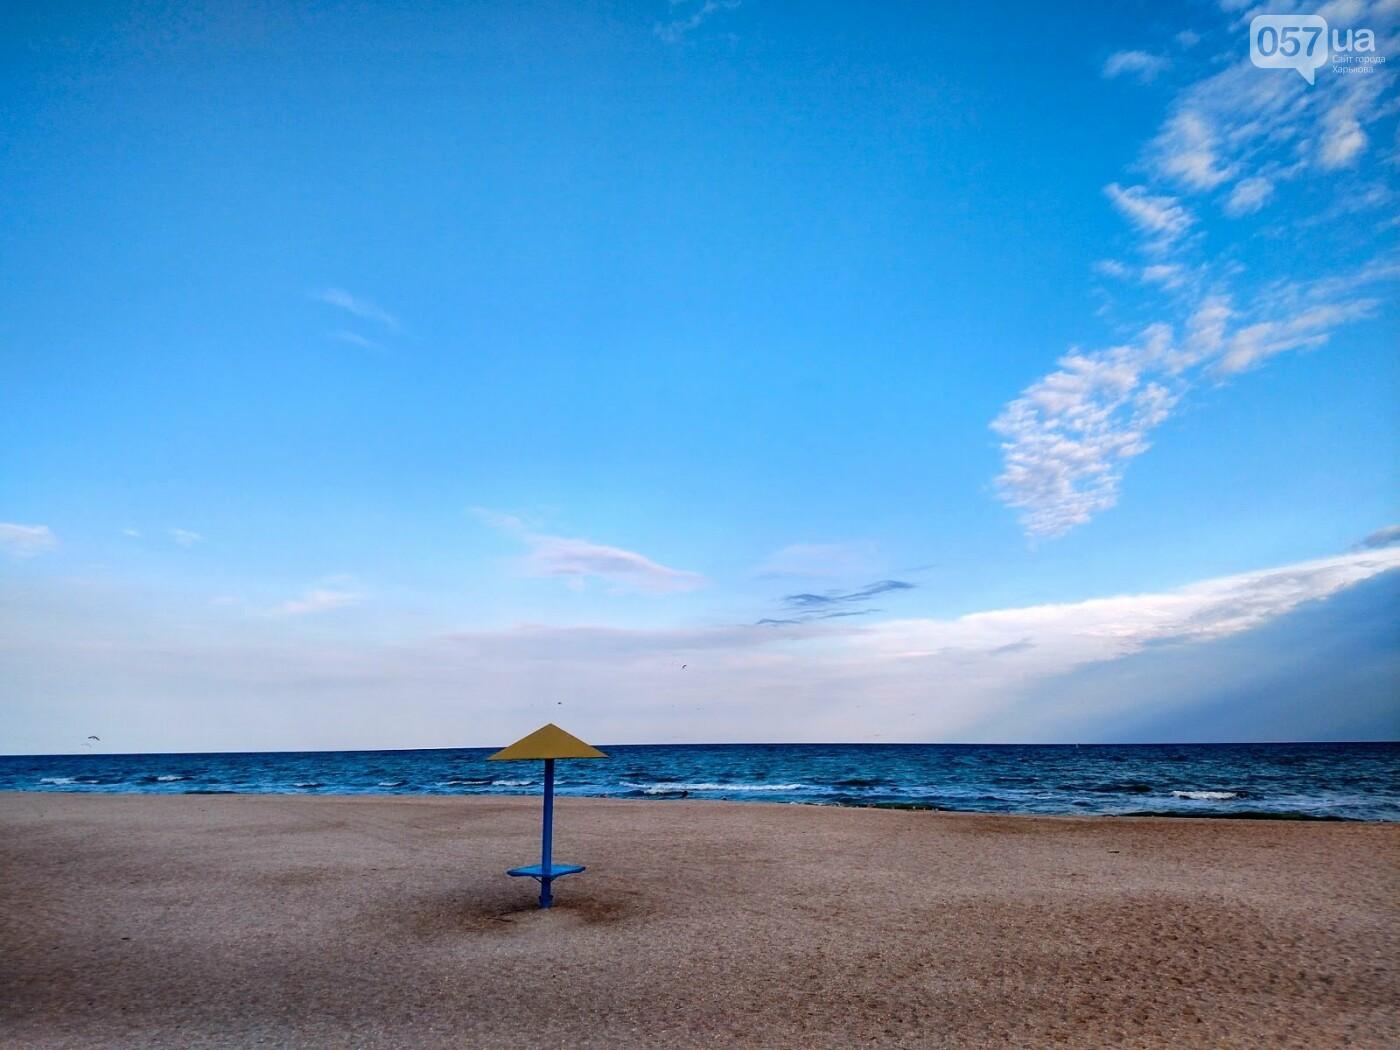 Где отдохнуть на море этим летом: обзор жилья и цен на украинских курортах , фото-25